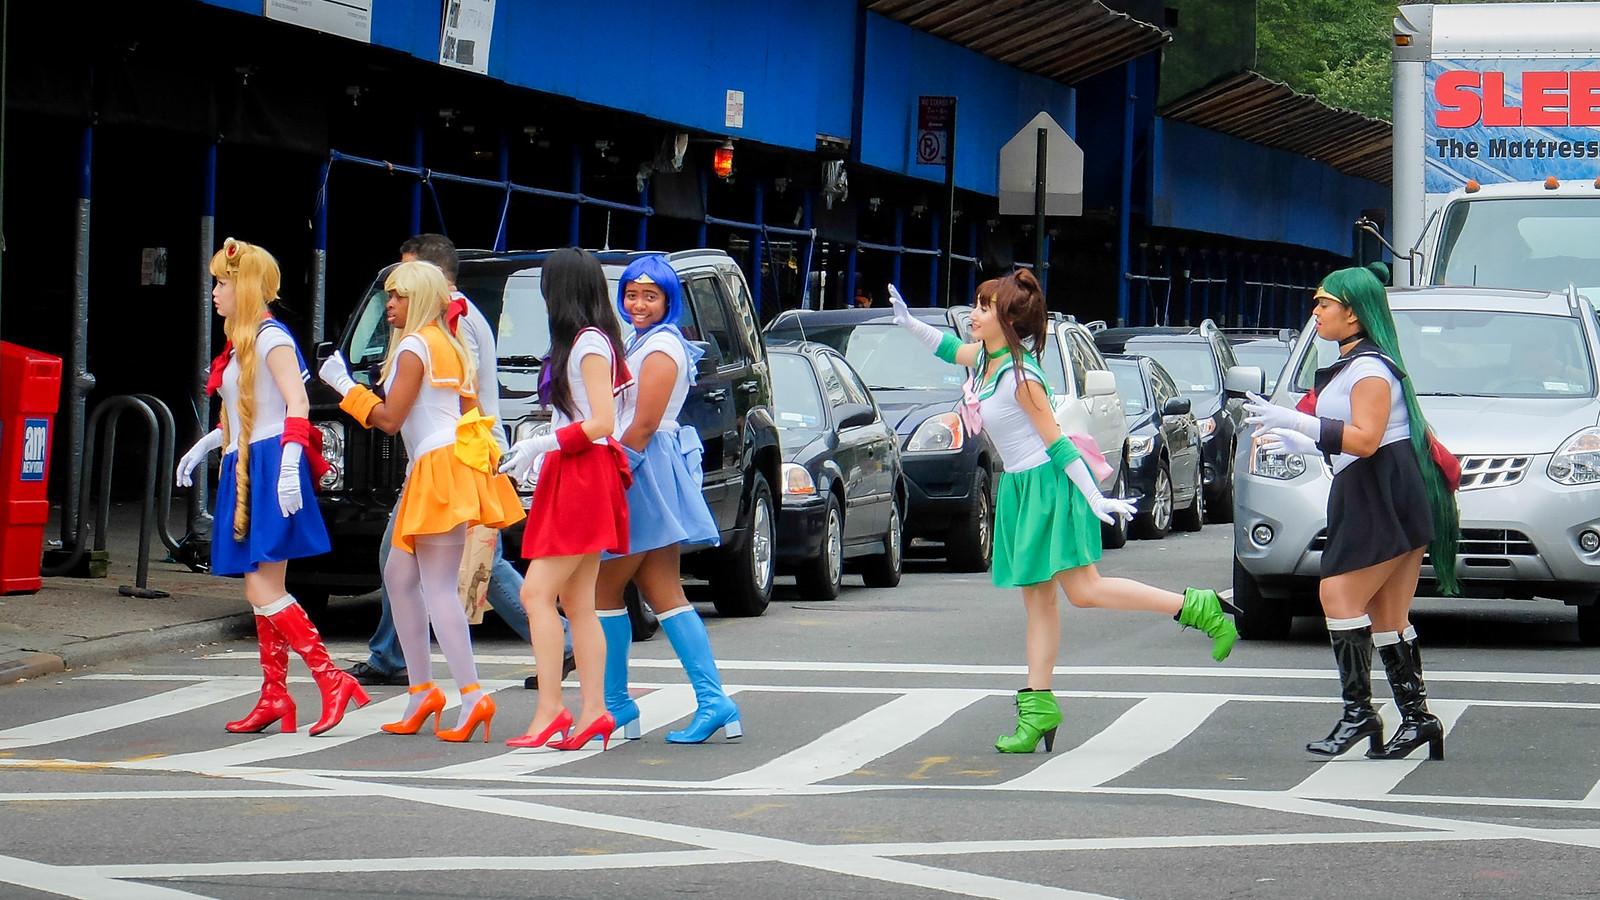 Sailor Moon Cosplay by wwward0